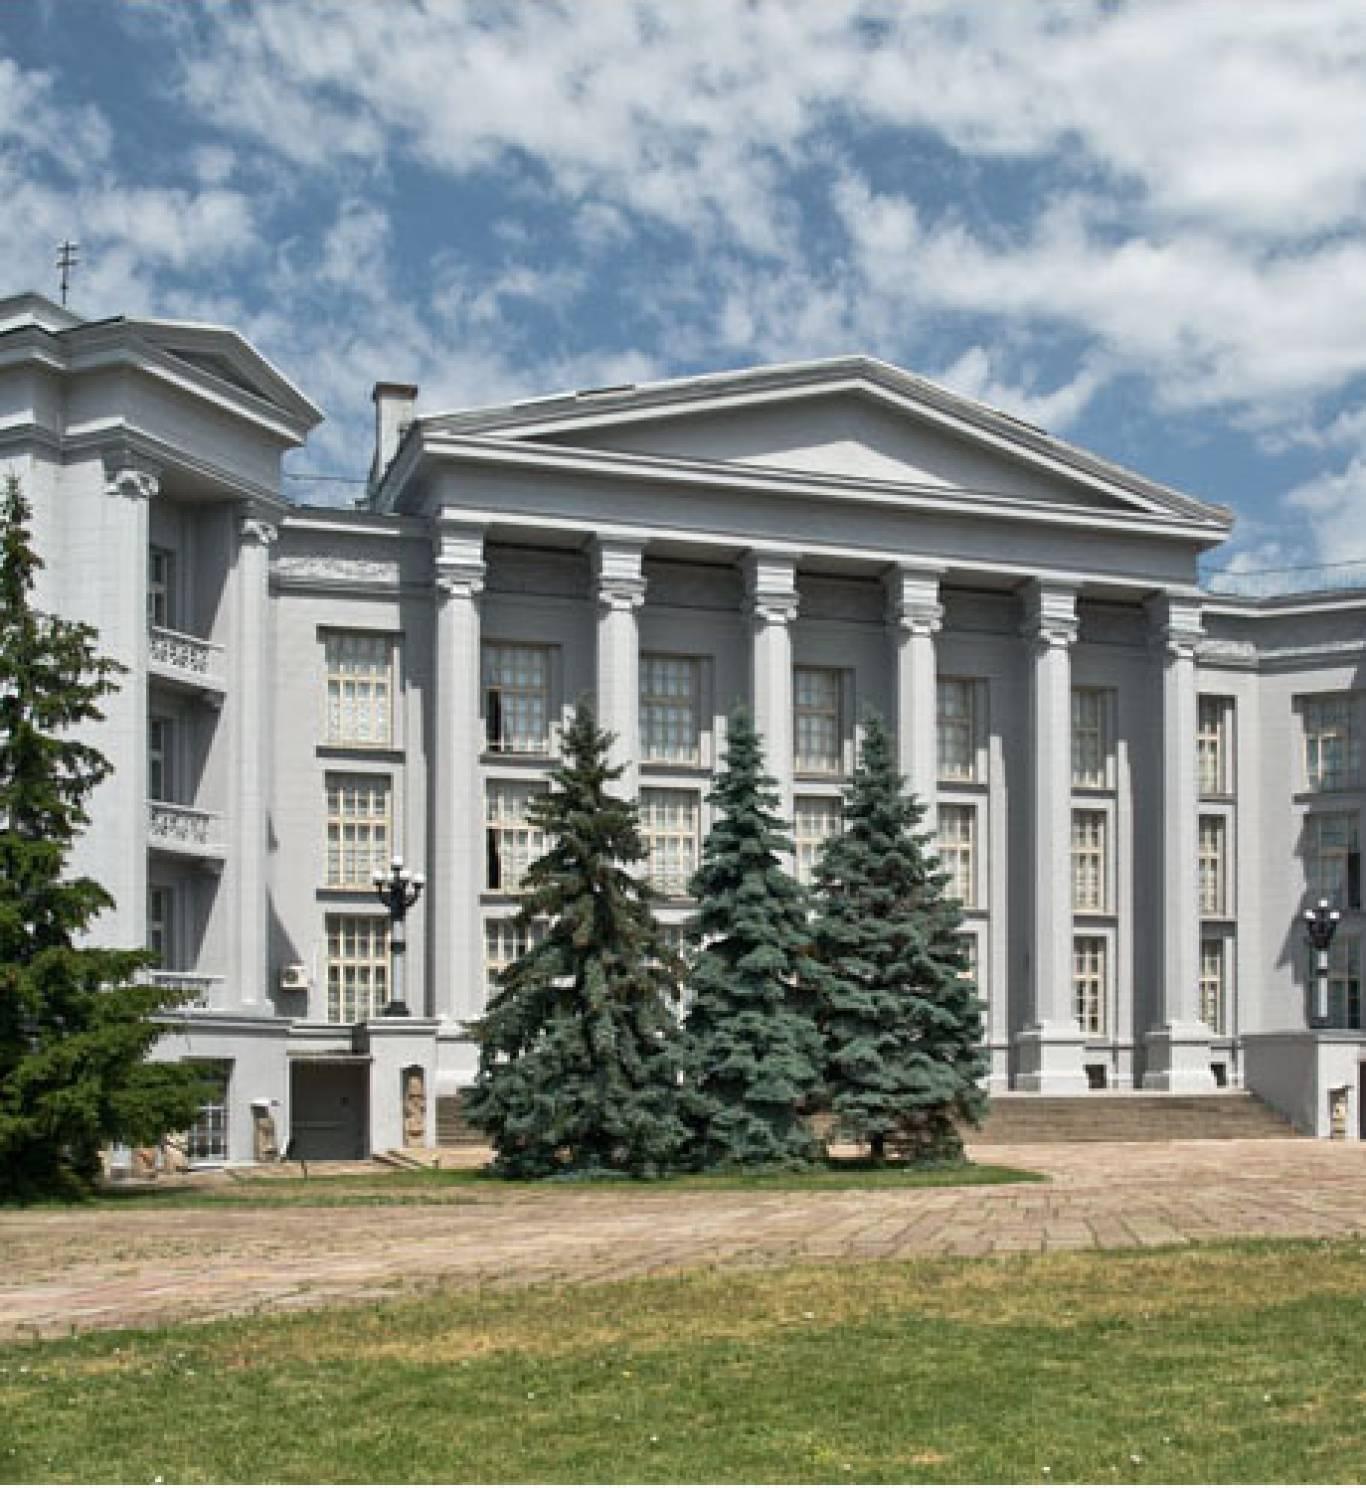 Відкриття оновленої експозиції «Традиційне мистецтво українців» в Національному музеї історії України